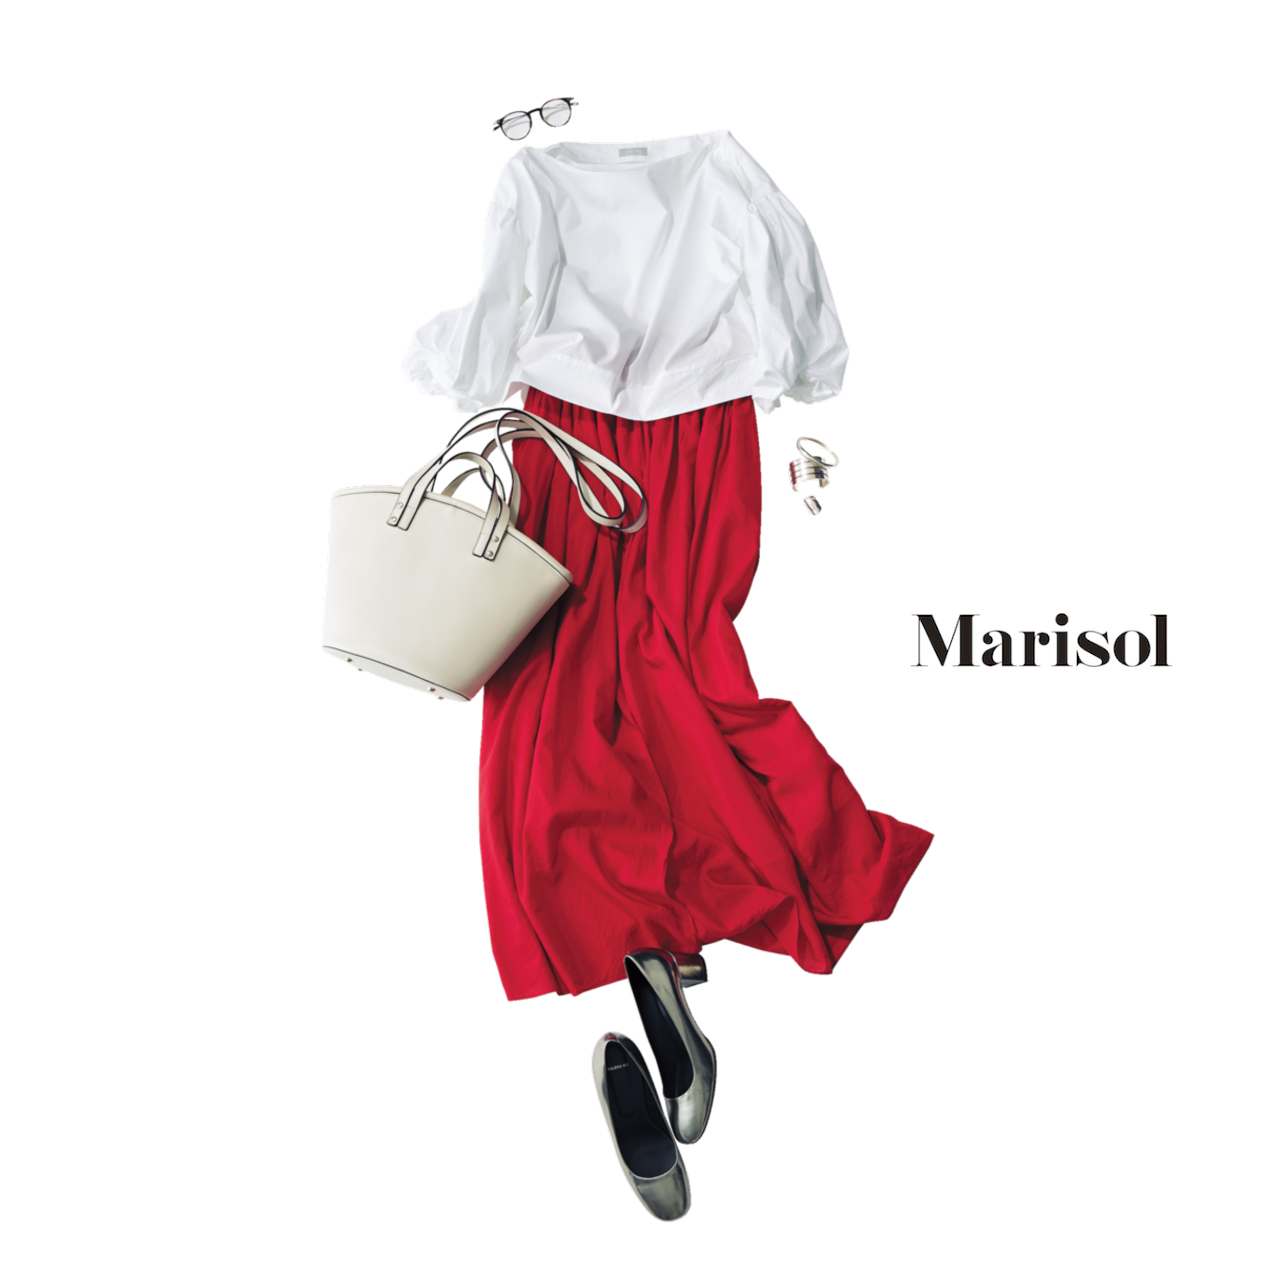 赤いスカートが華やかさを演出する大人の清潔感コーデ